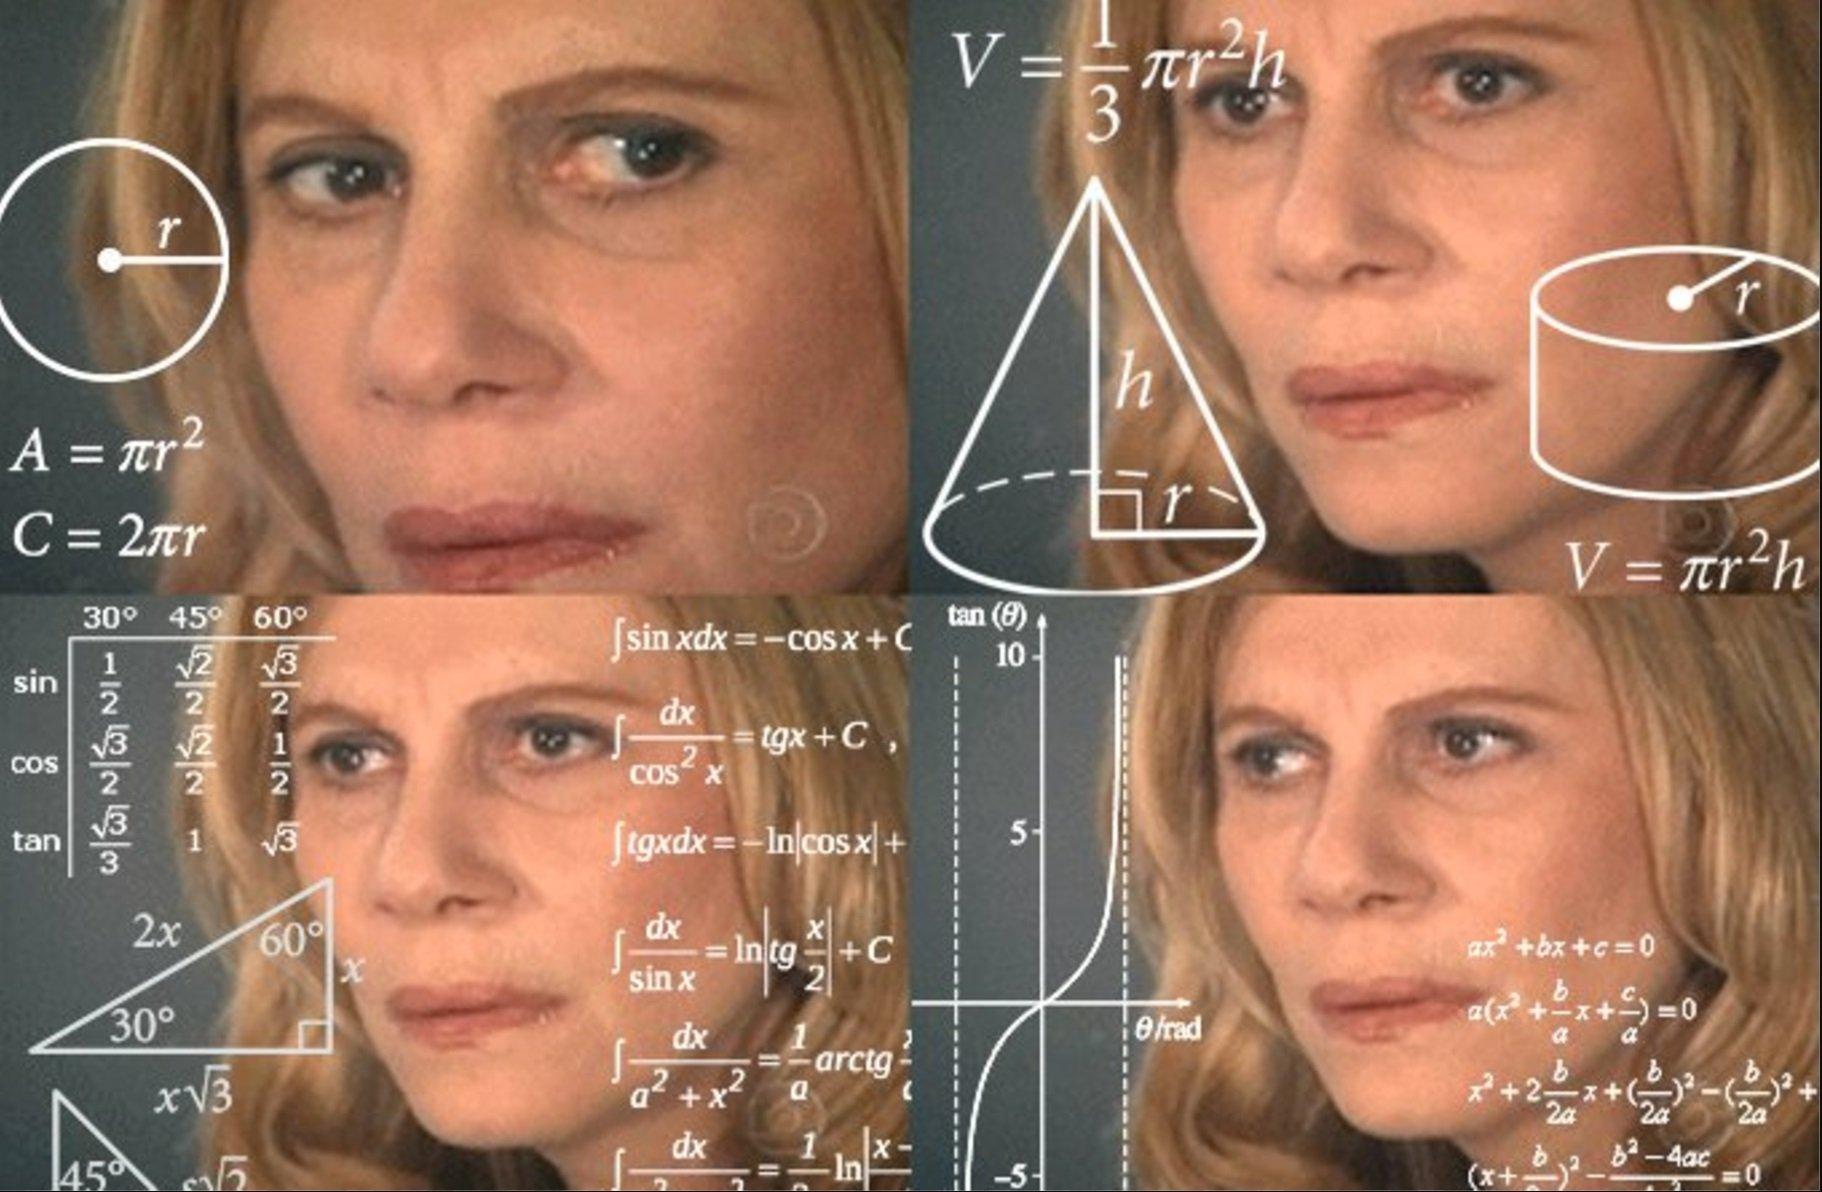 Fondos virtuales de zoom; meme de la señora  confundida que está haciendo cálculos